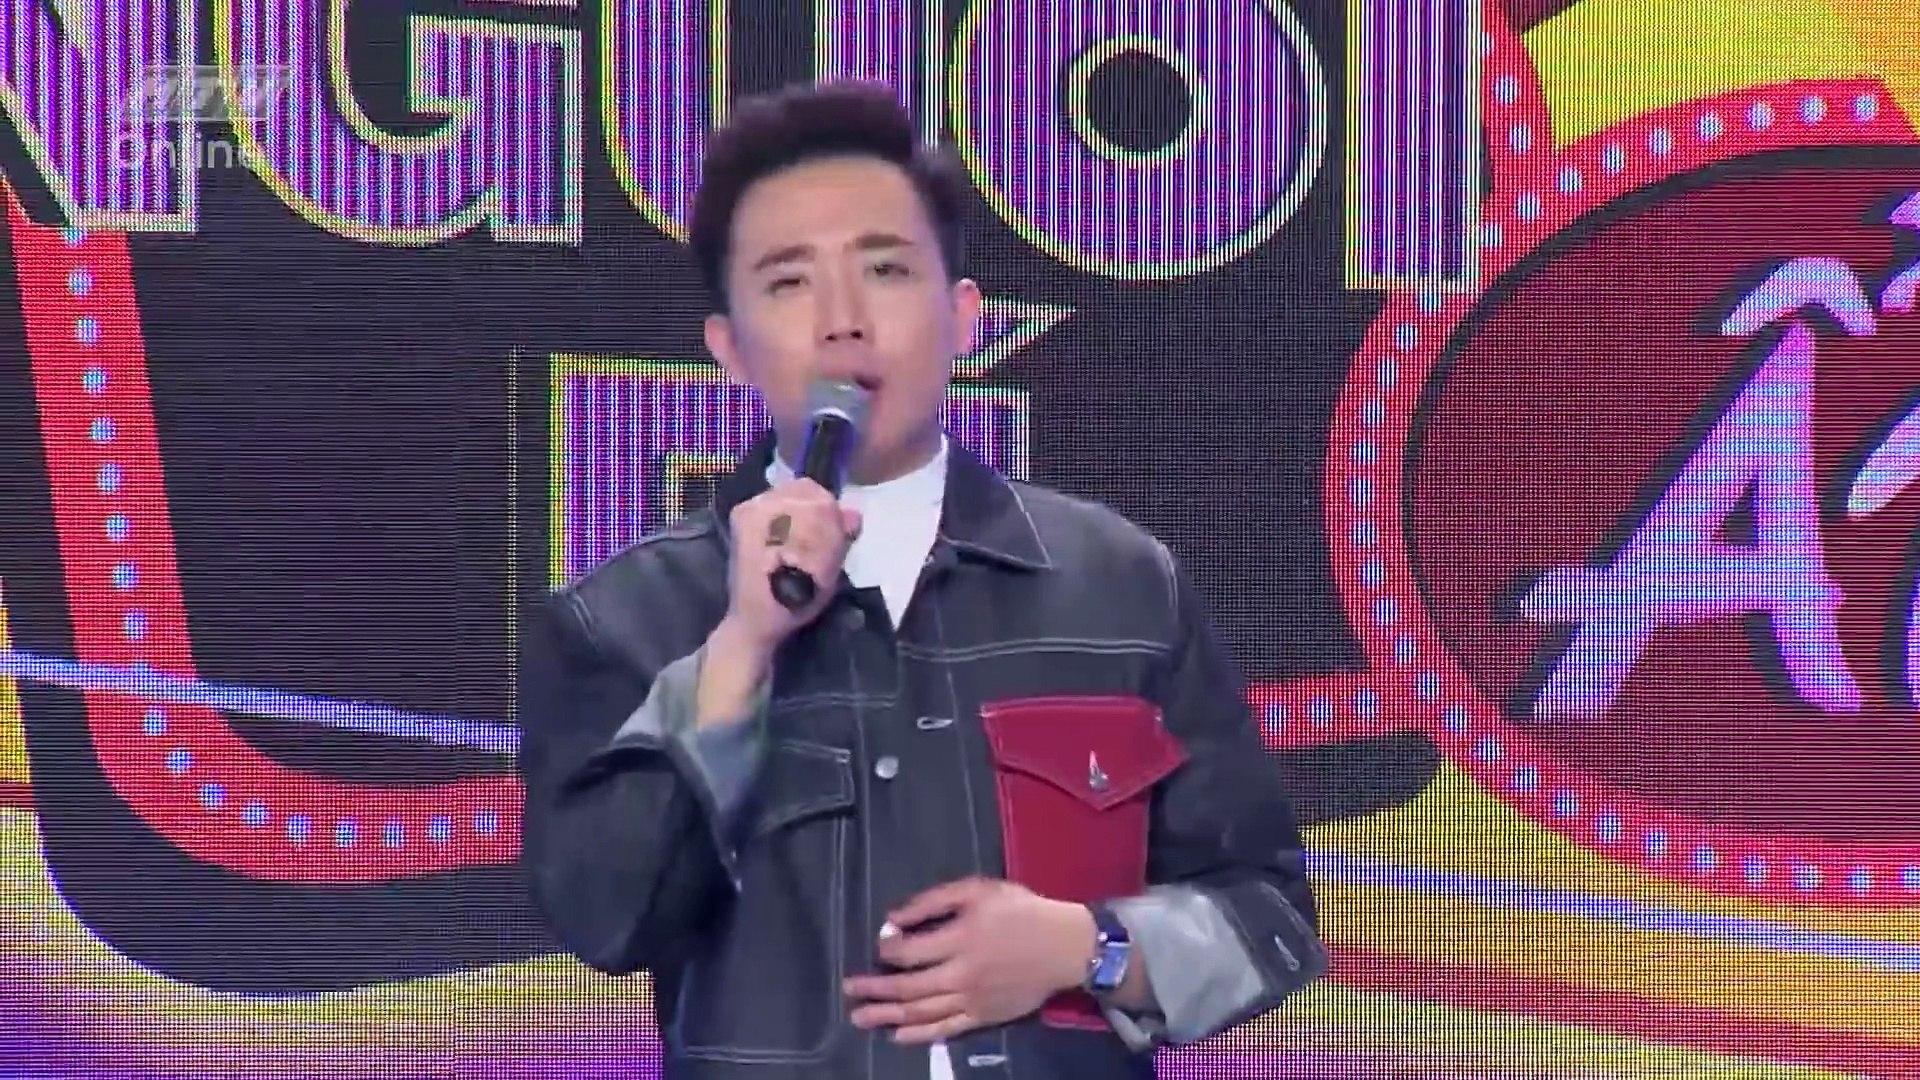 NGƯỜI BÍ ẨN Mùa 5 Tập 12_Phần 2 (24/06/2018)- Ông hoàng nhạc sến Ngọc Sơn và người đẹp Tây Đô Việt T